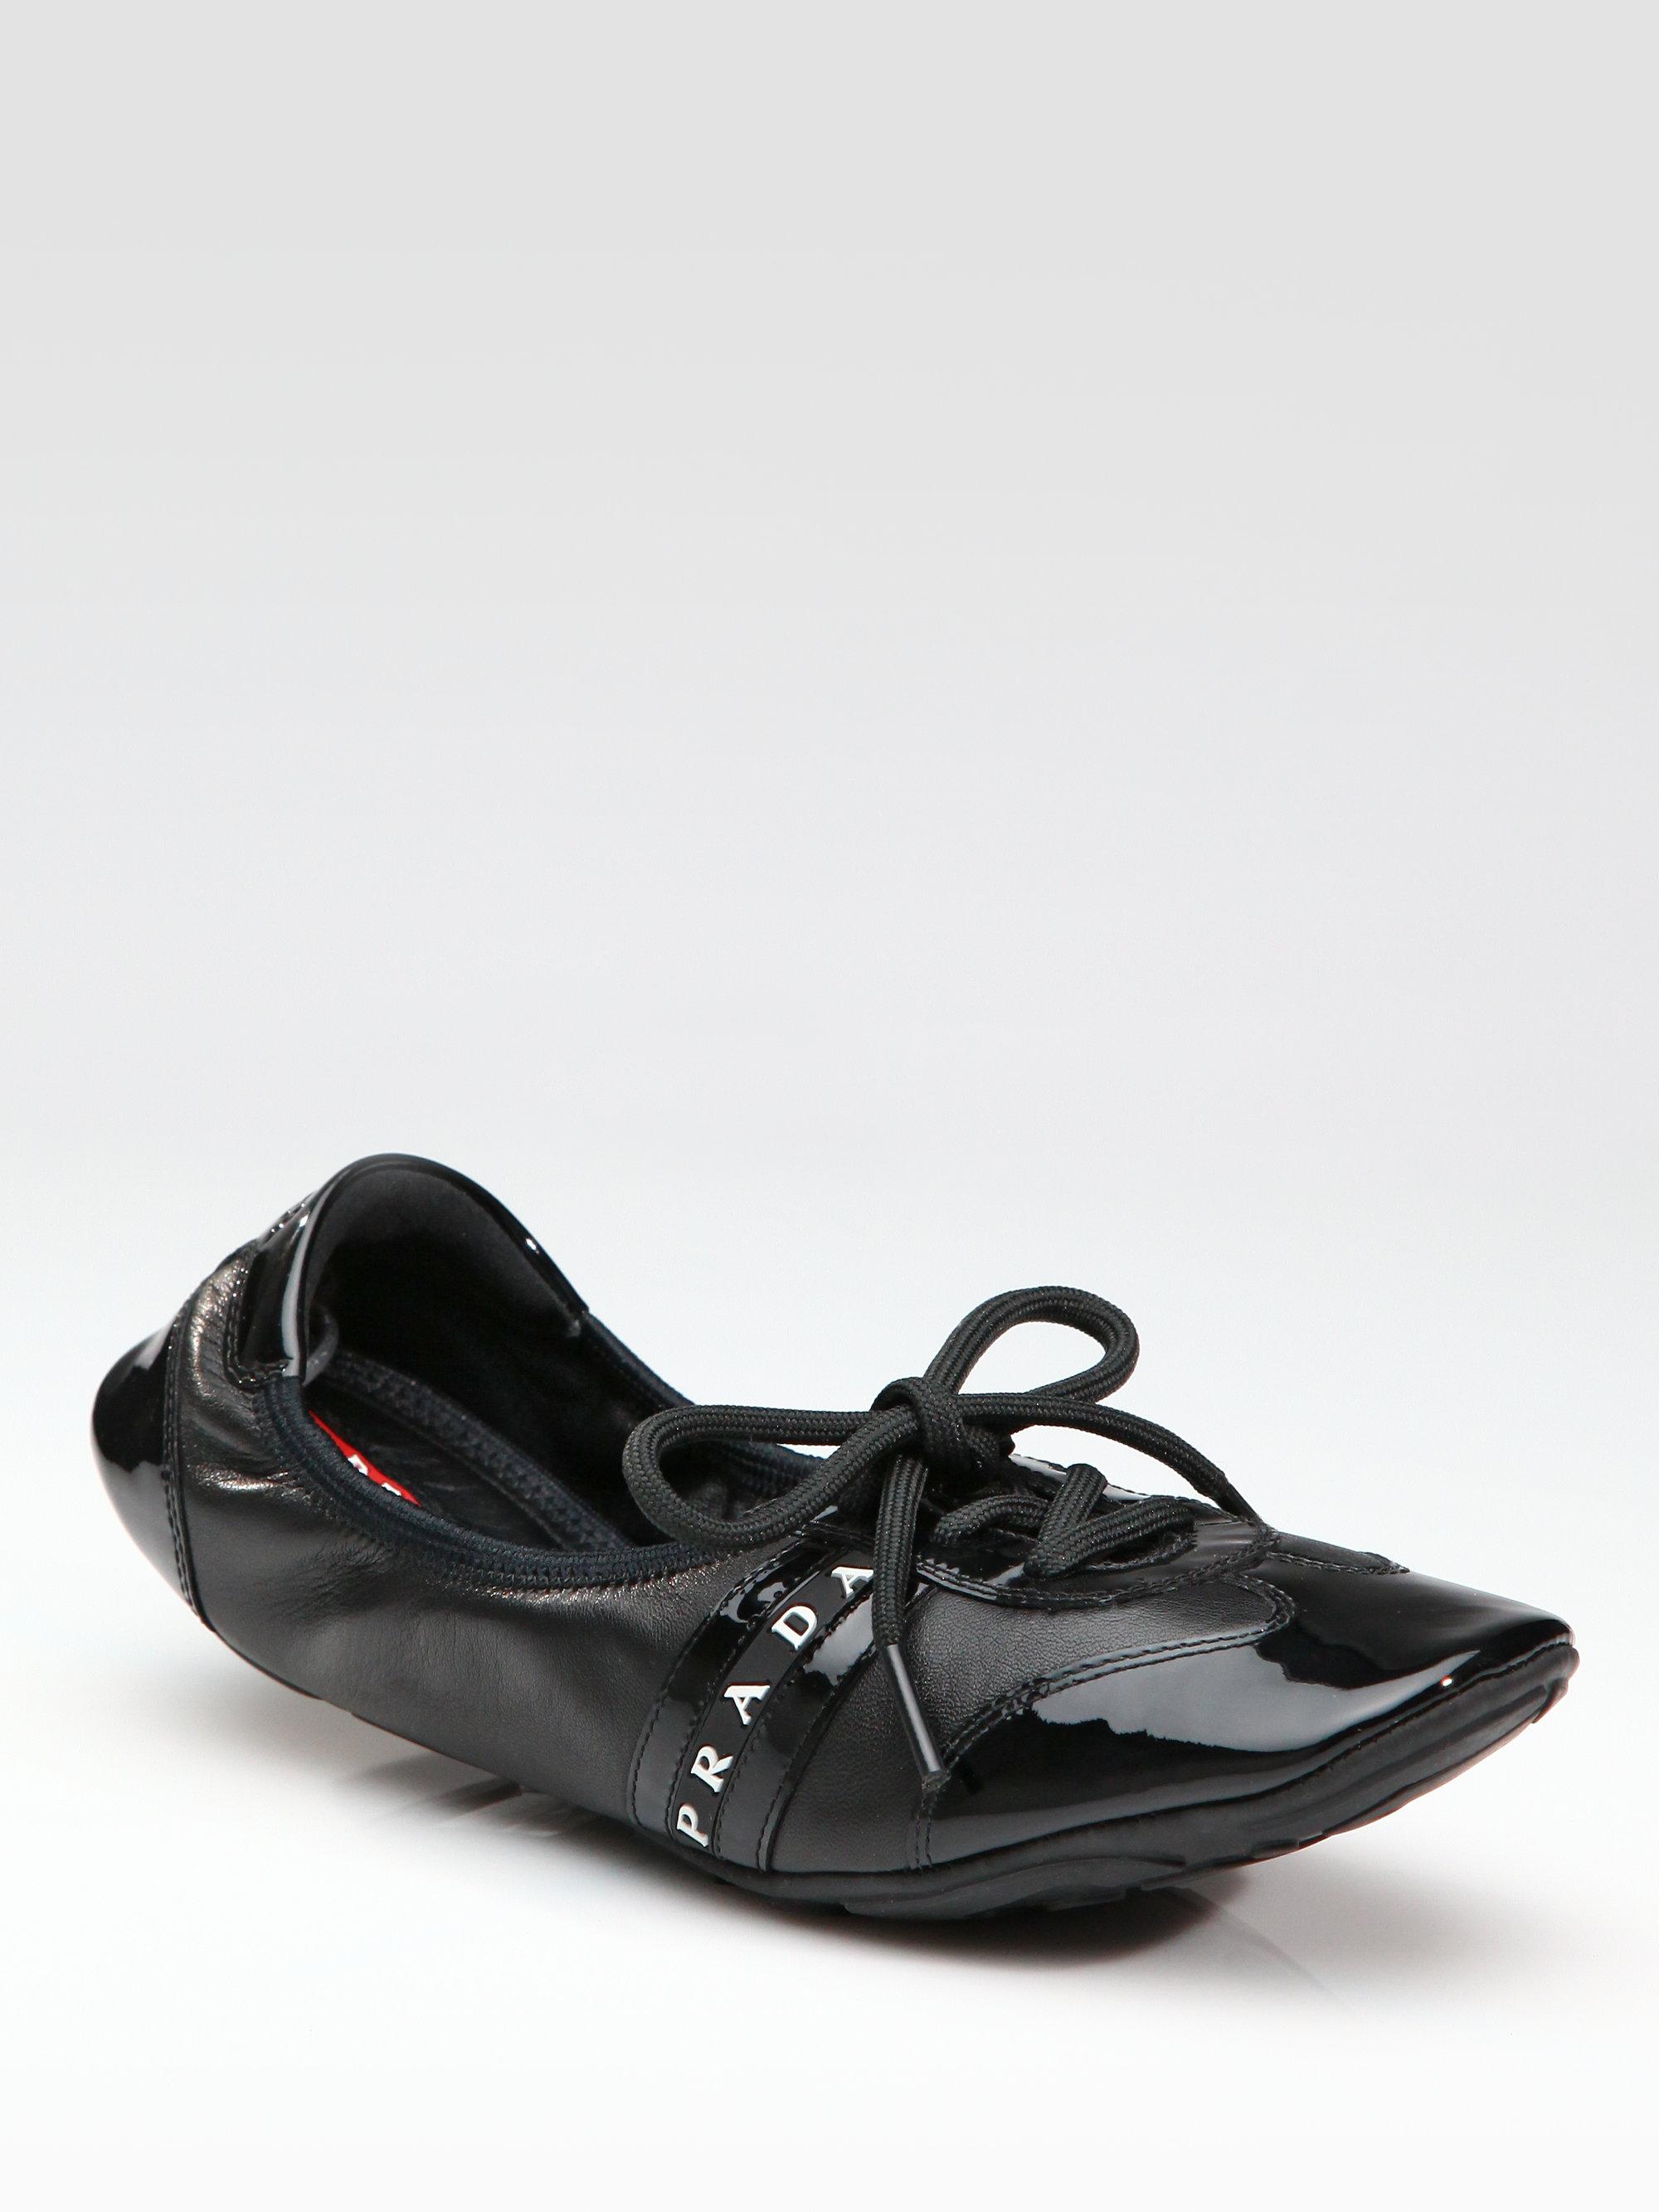 Prada Patent Scrunch Sneakers in Black